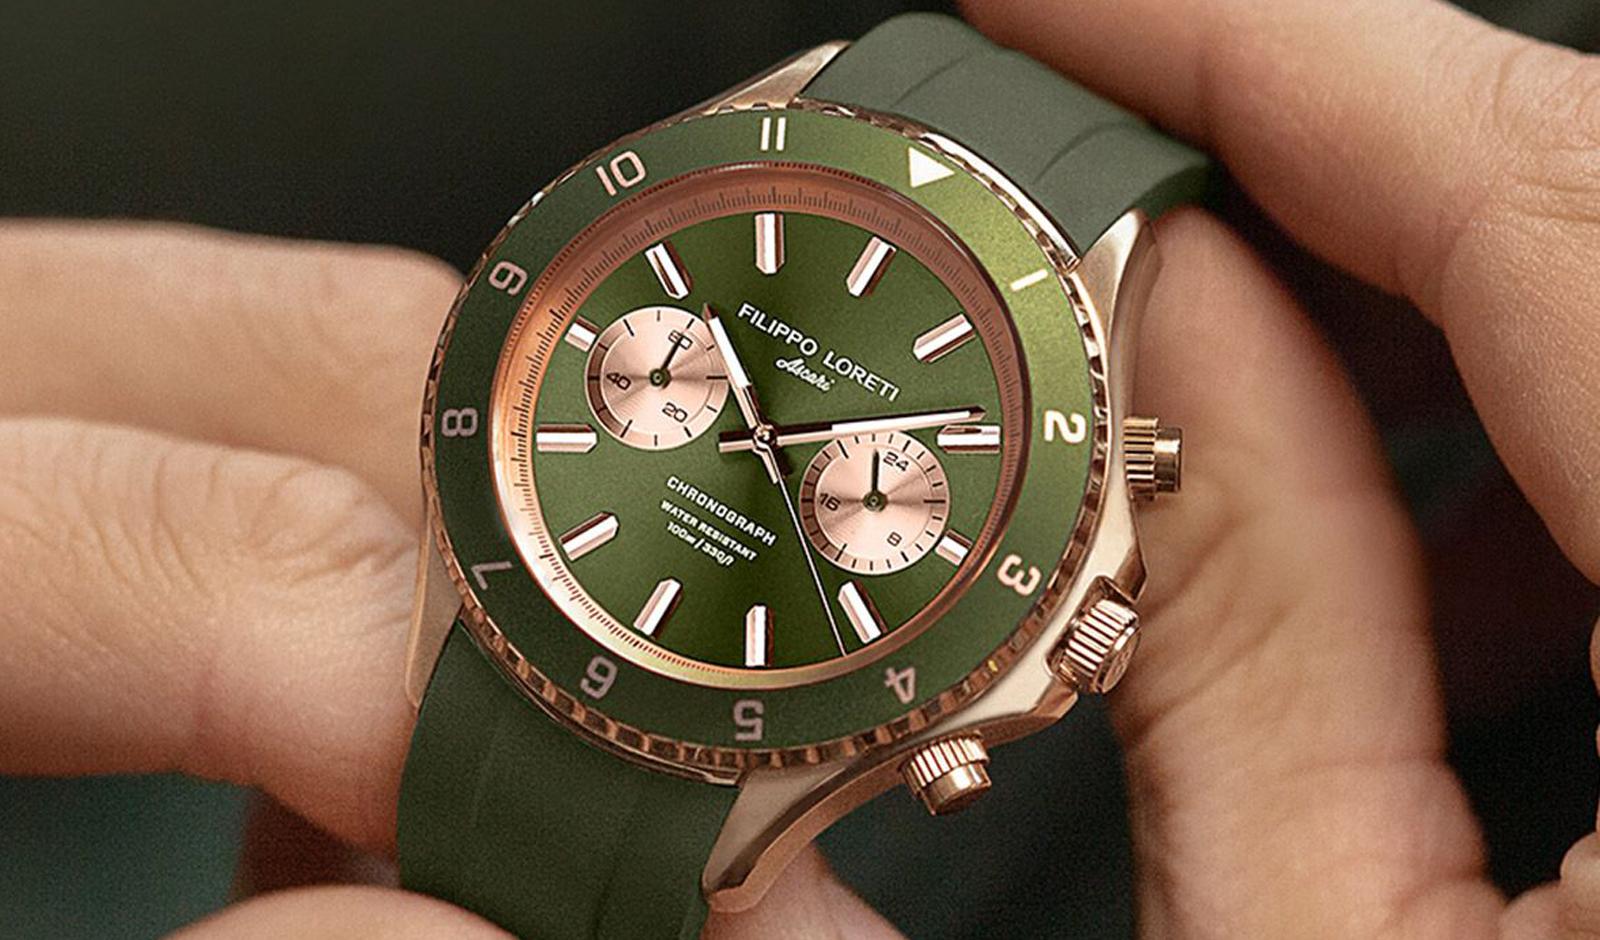 philippo-loreti-green-watch